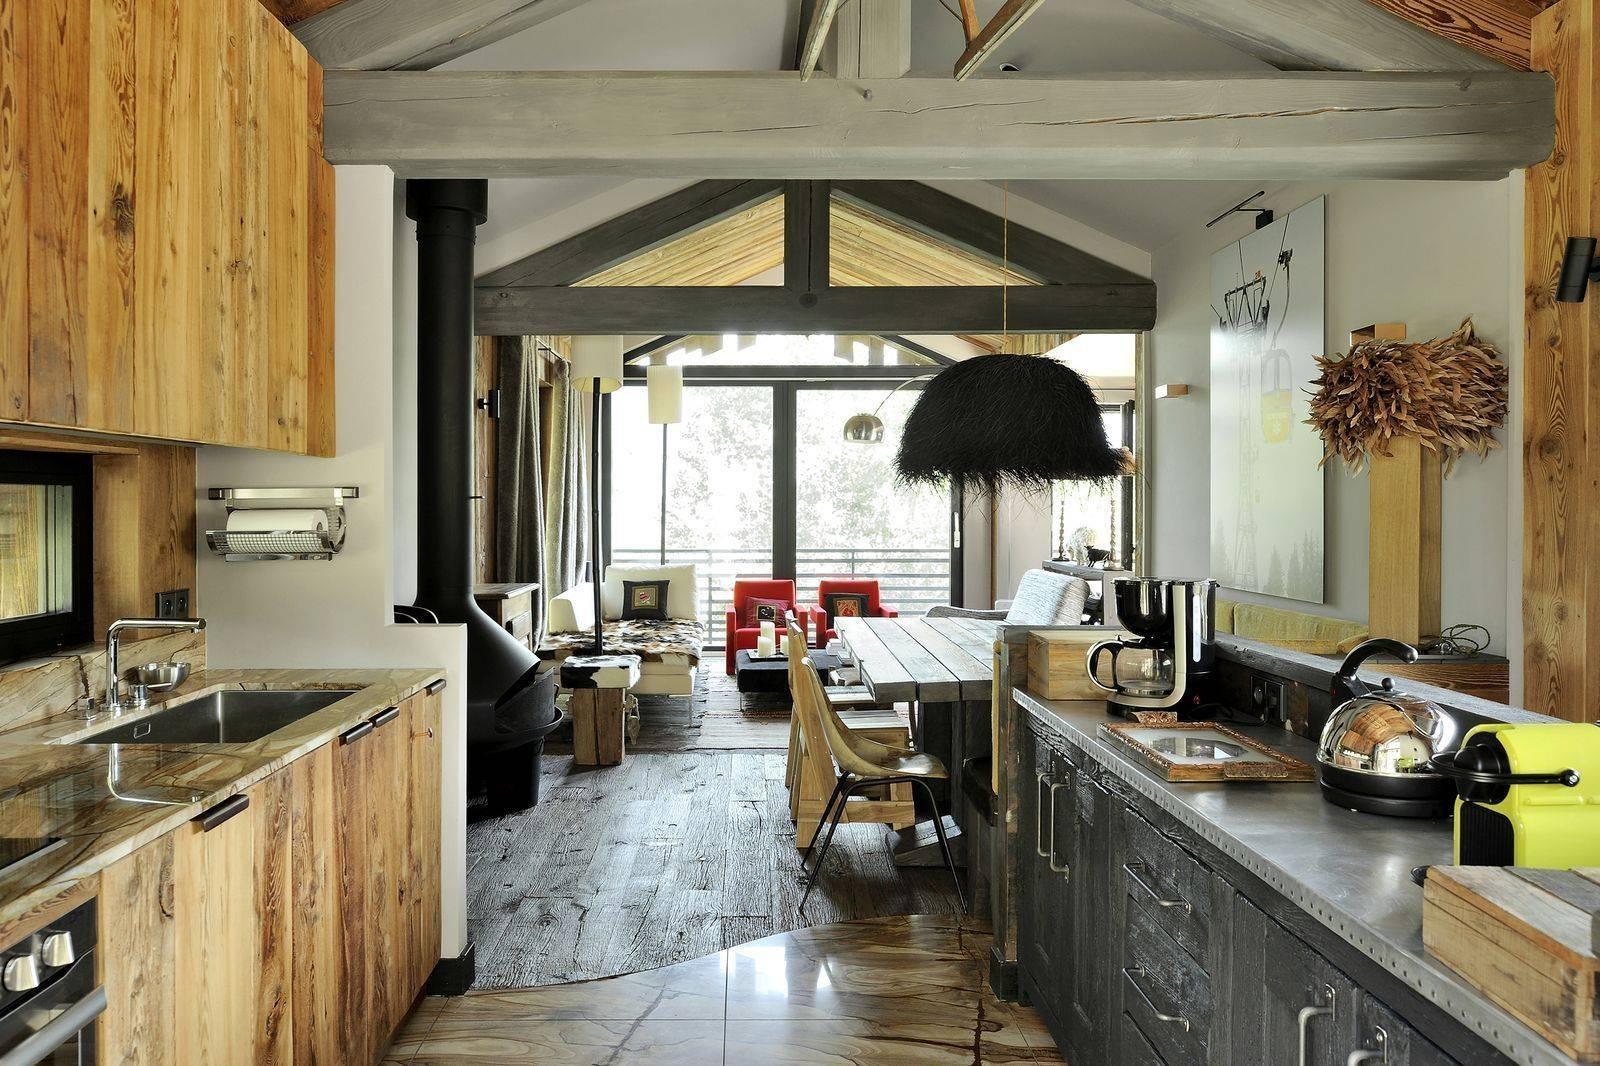 Courchevel 1550 Luxury Rental Chalet Niibite Kitchen